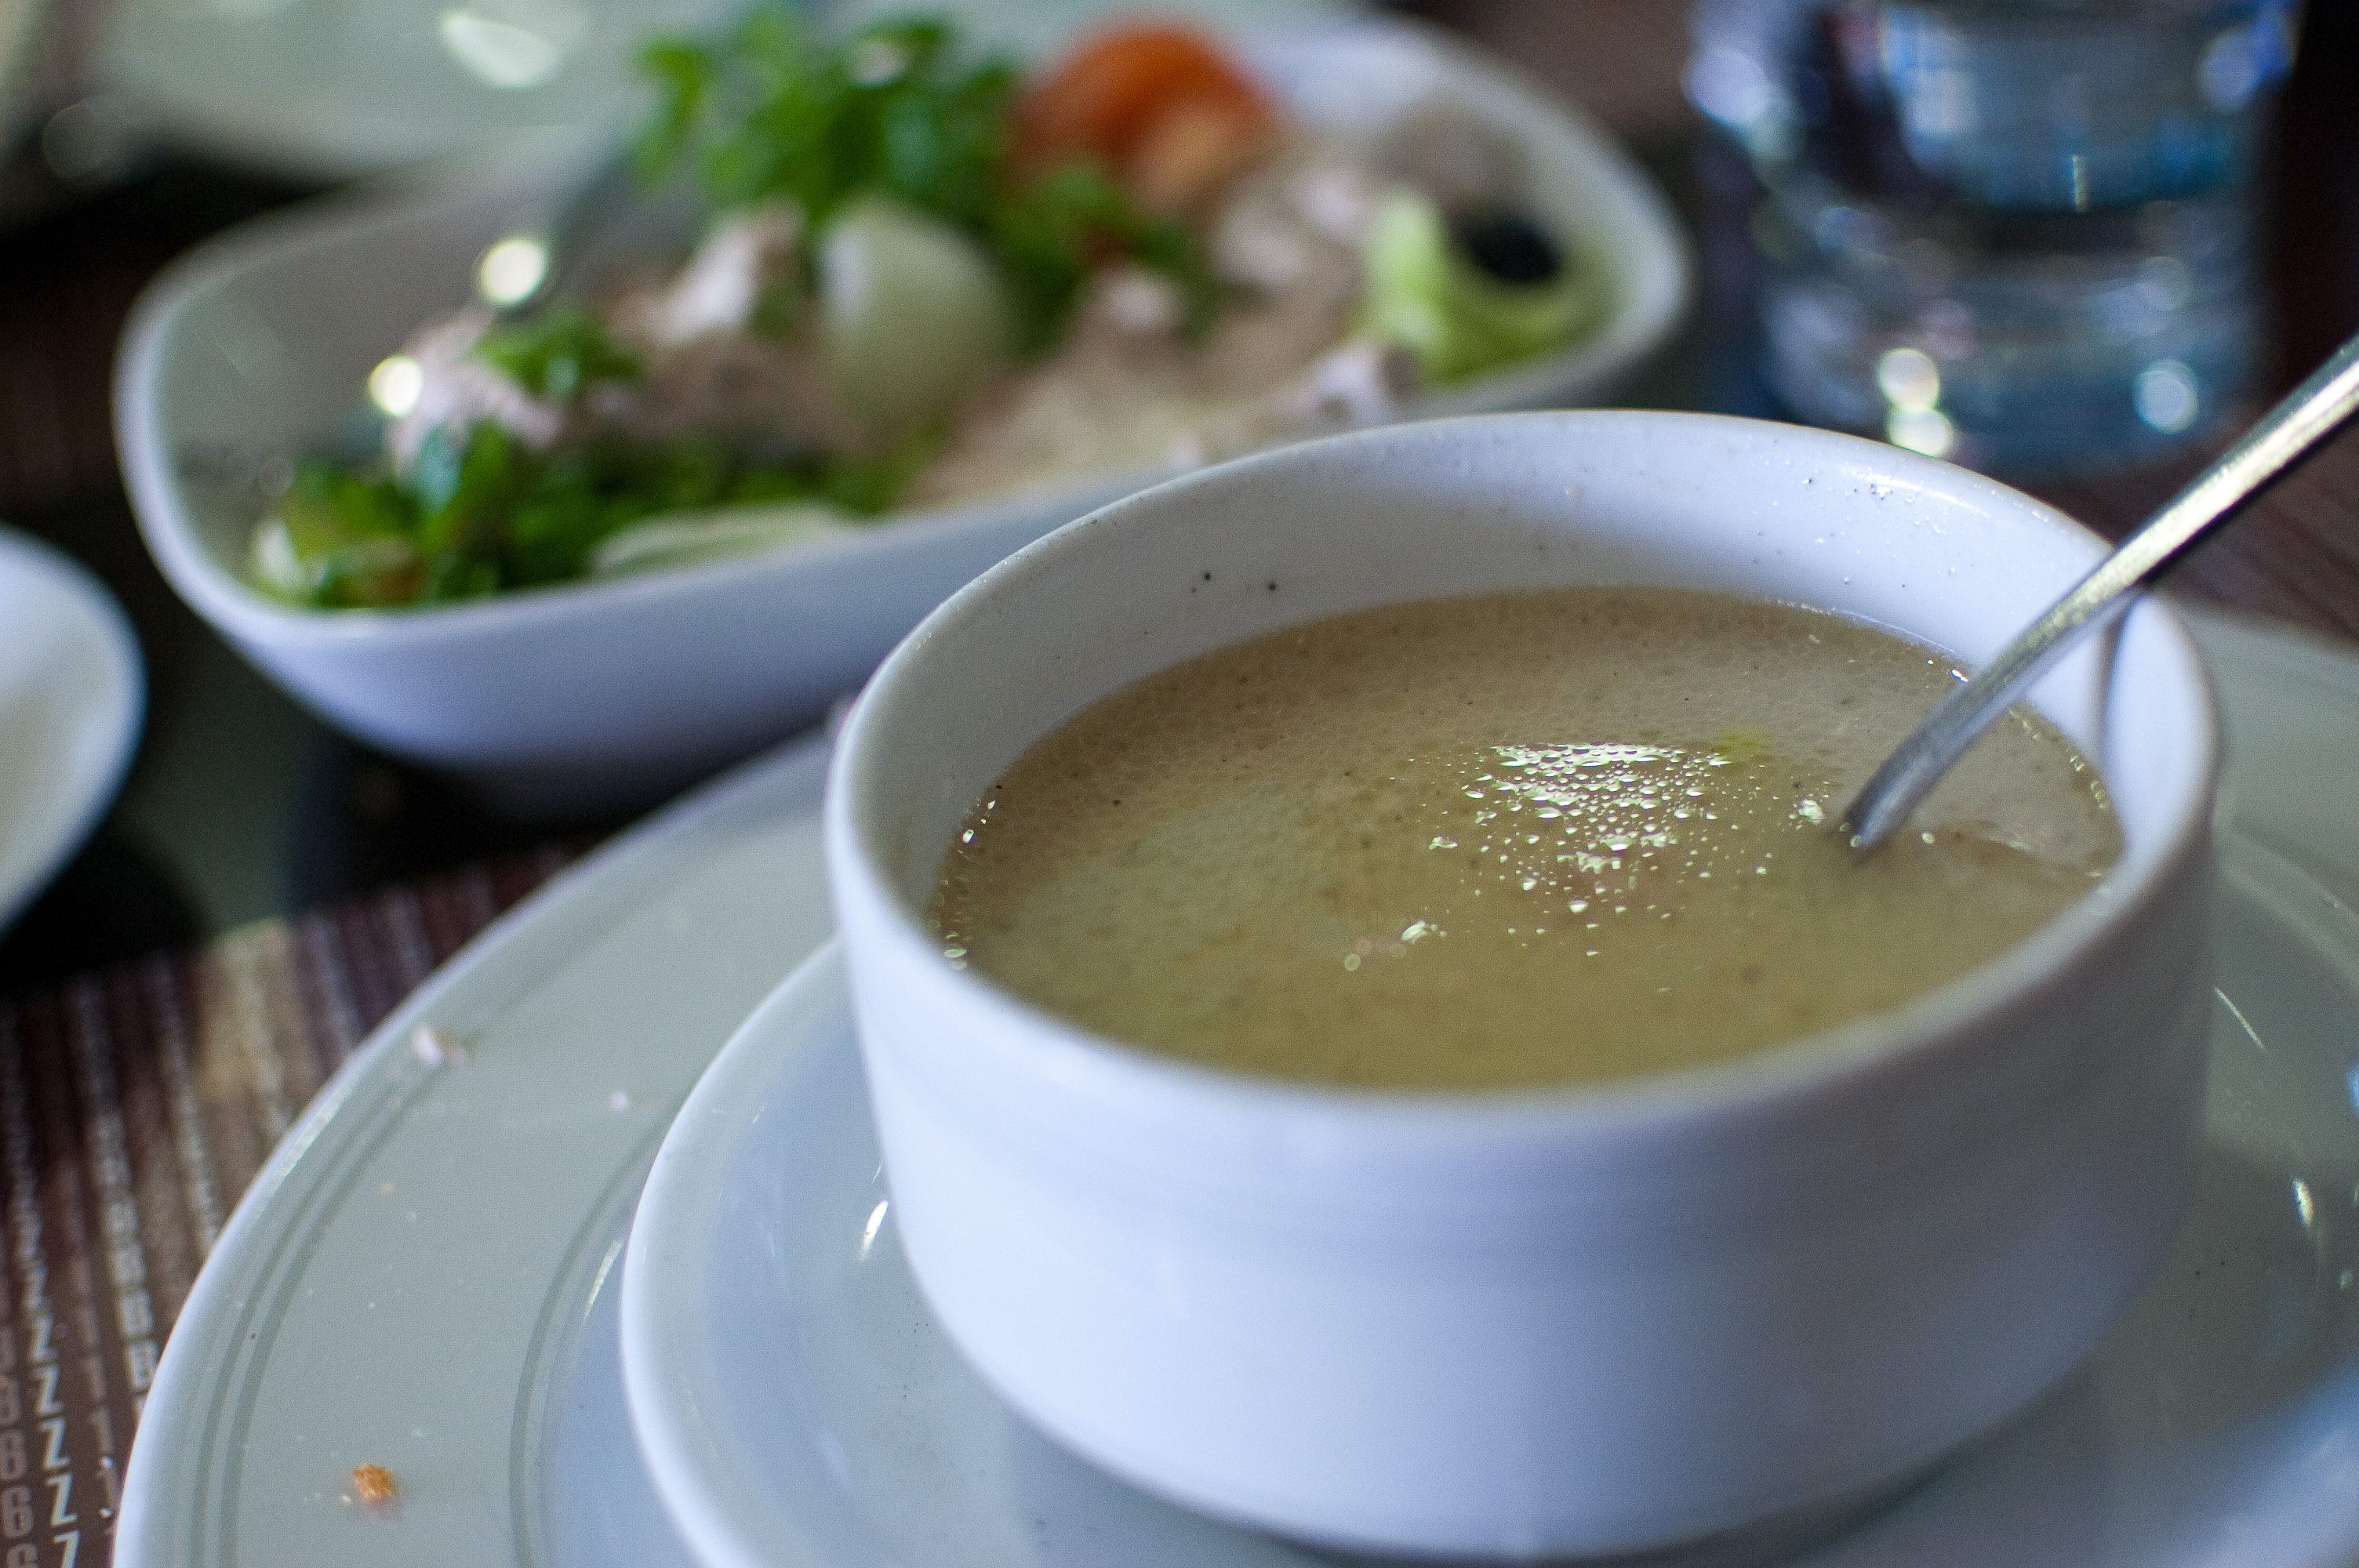 Patates çorbası cahide ile Etiketlenen Konular